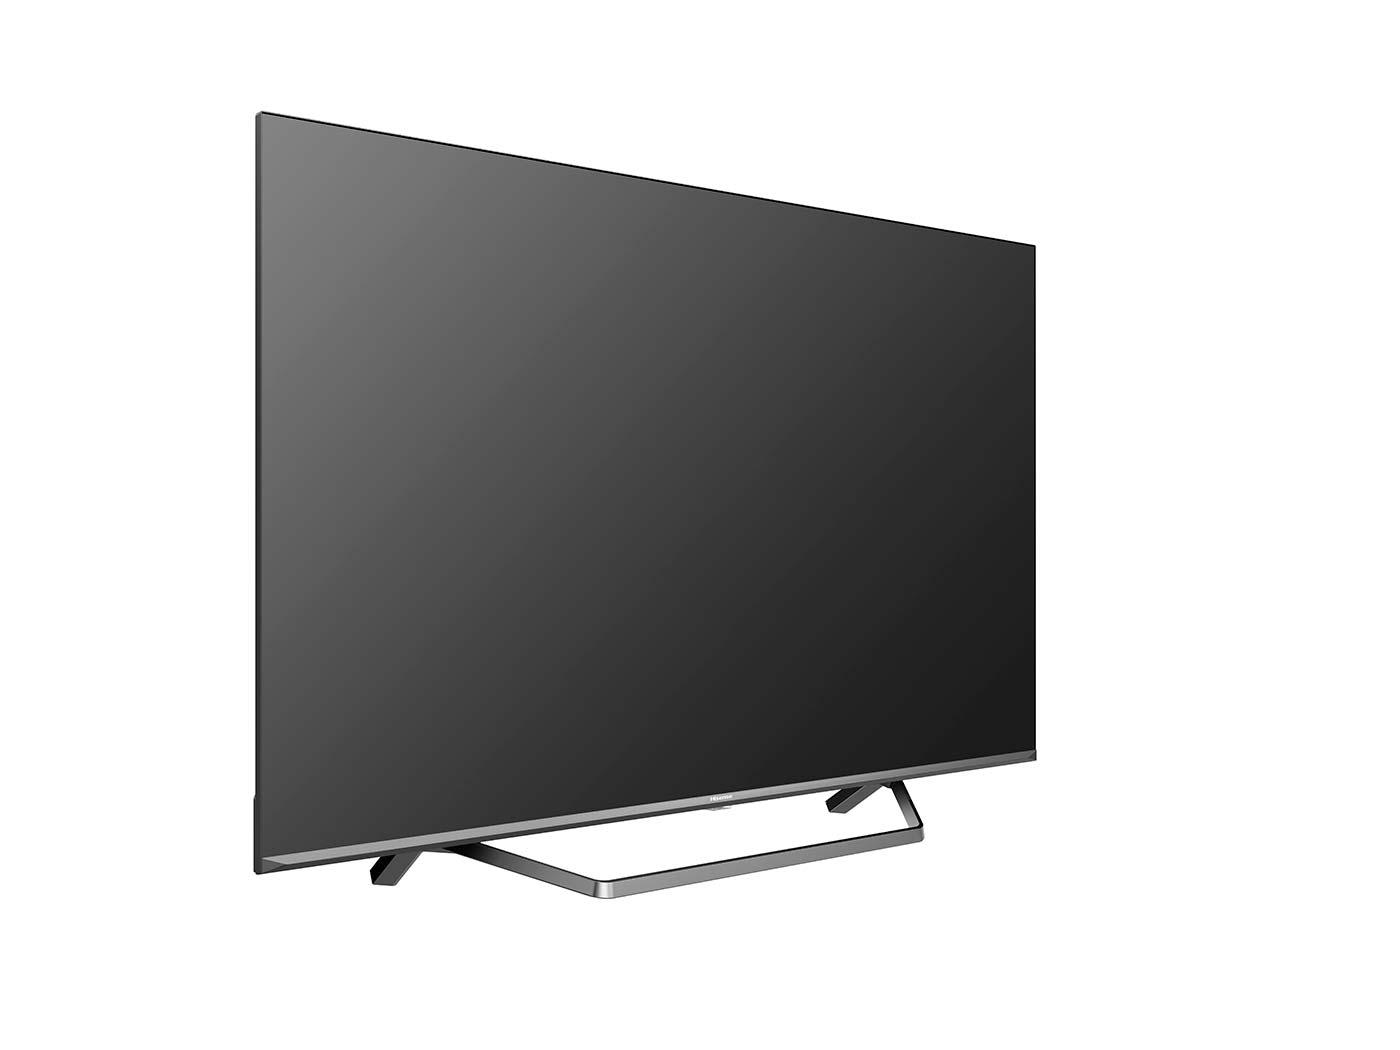 UHD TV UHD TV 65A7100F 65″